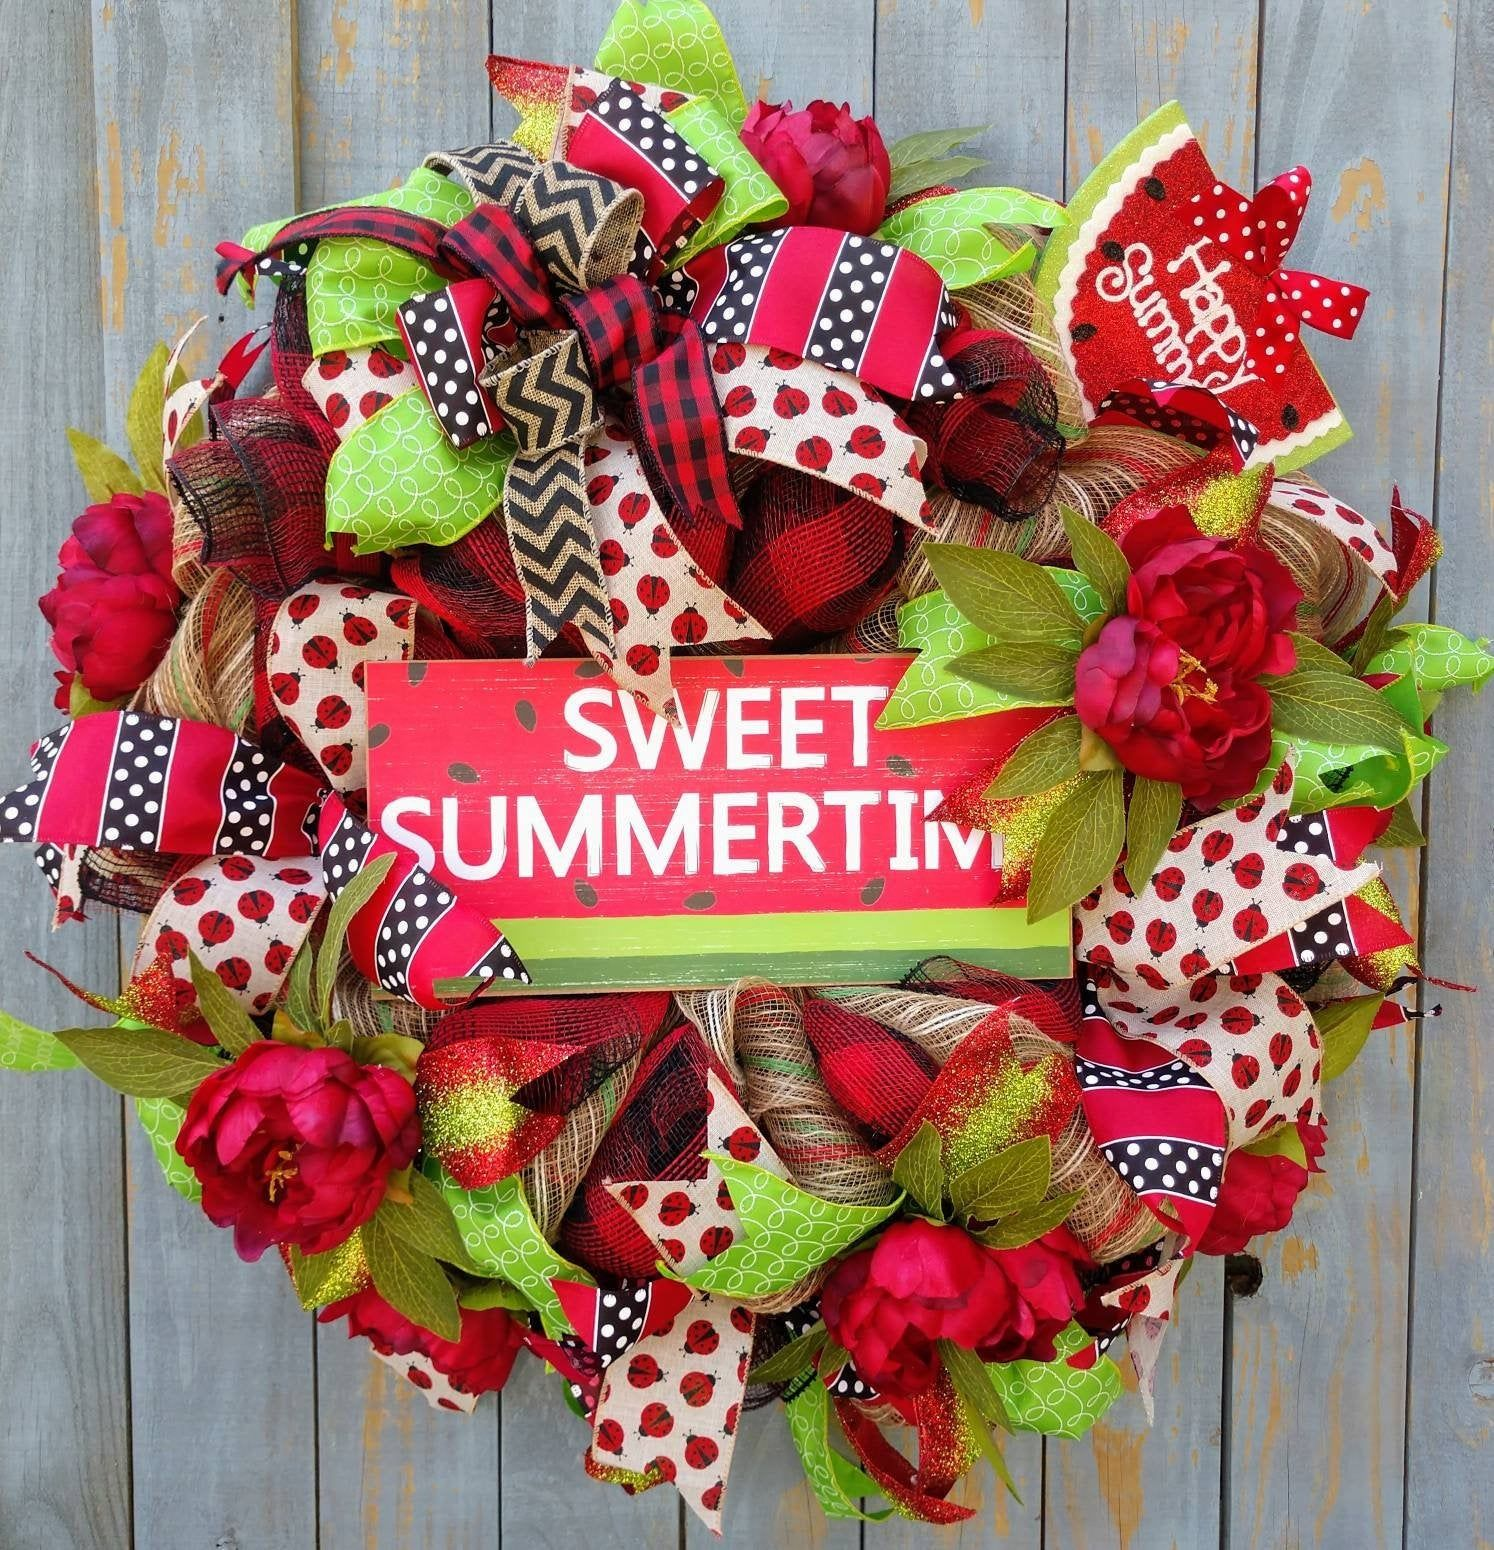 Best Summer Wreath Watermelon Wreath Watermelon Sign Front Door Decor Watermelon Front Door Wreath Everyday Wreath,Best Summer Wreath